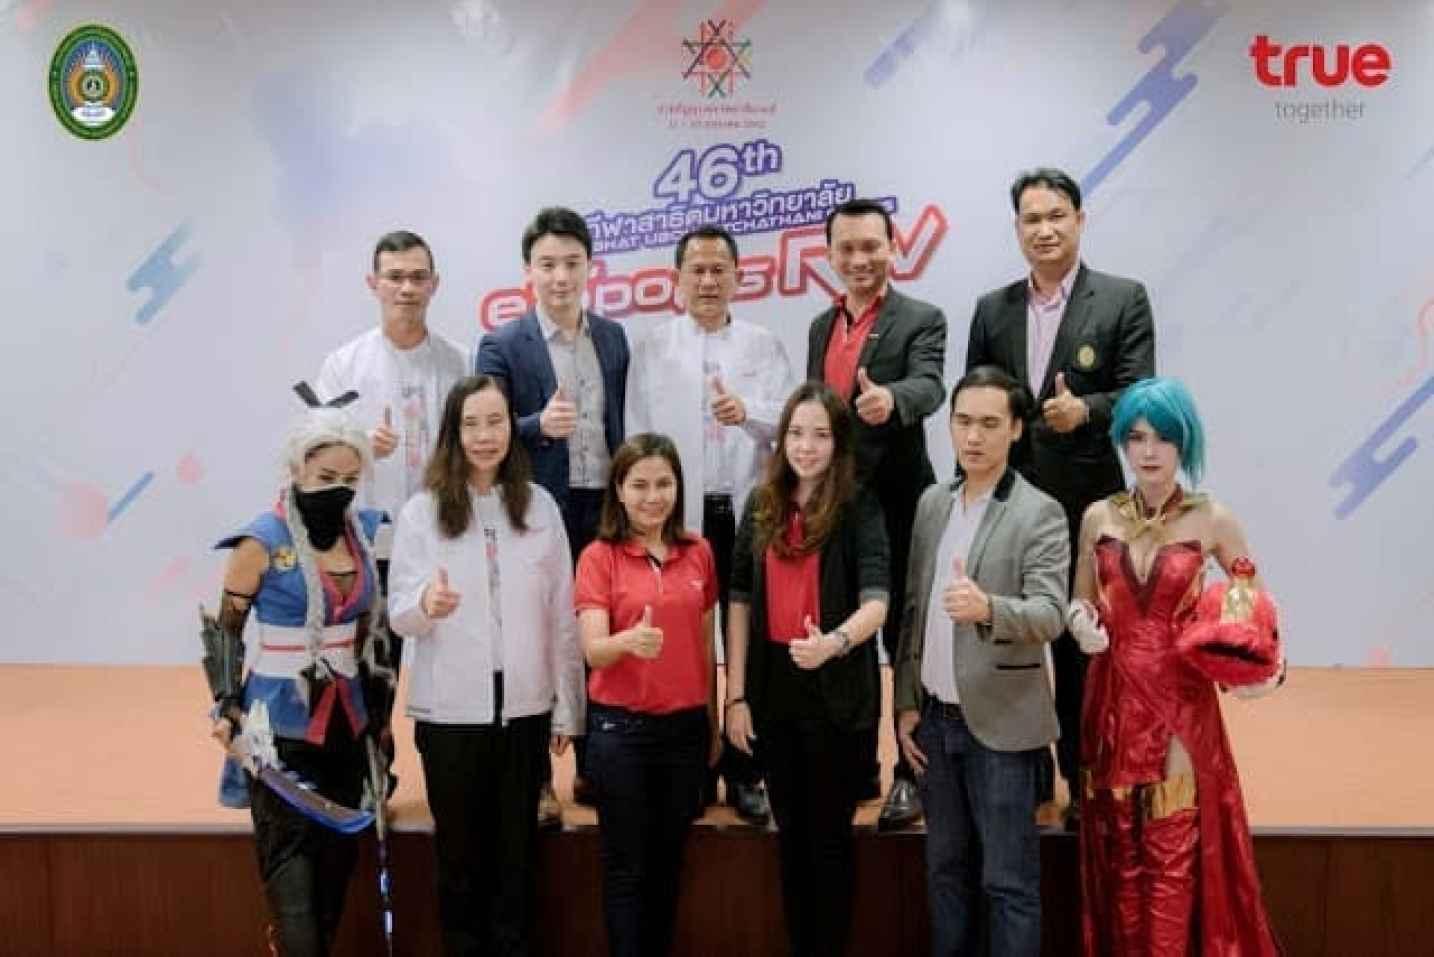 - 314 1 2 - พบกับการแข่งขันกีฬาสาธิต eSports ROV ครั้งแรก ในกีฬามหาวิทยาลัยแห่งประเทศไทย ครั้งที่ 46 โดยความร่วมมือระหว่าง มภร.อุบลฯ กลุ่มทรู และการีน่า